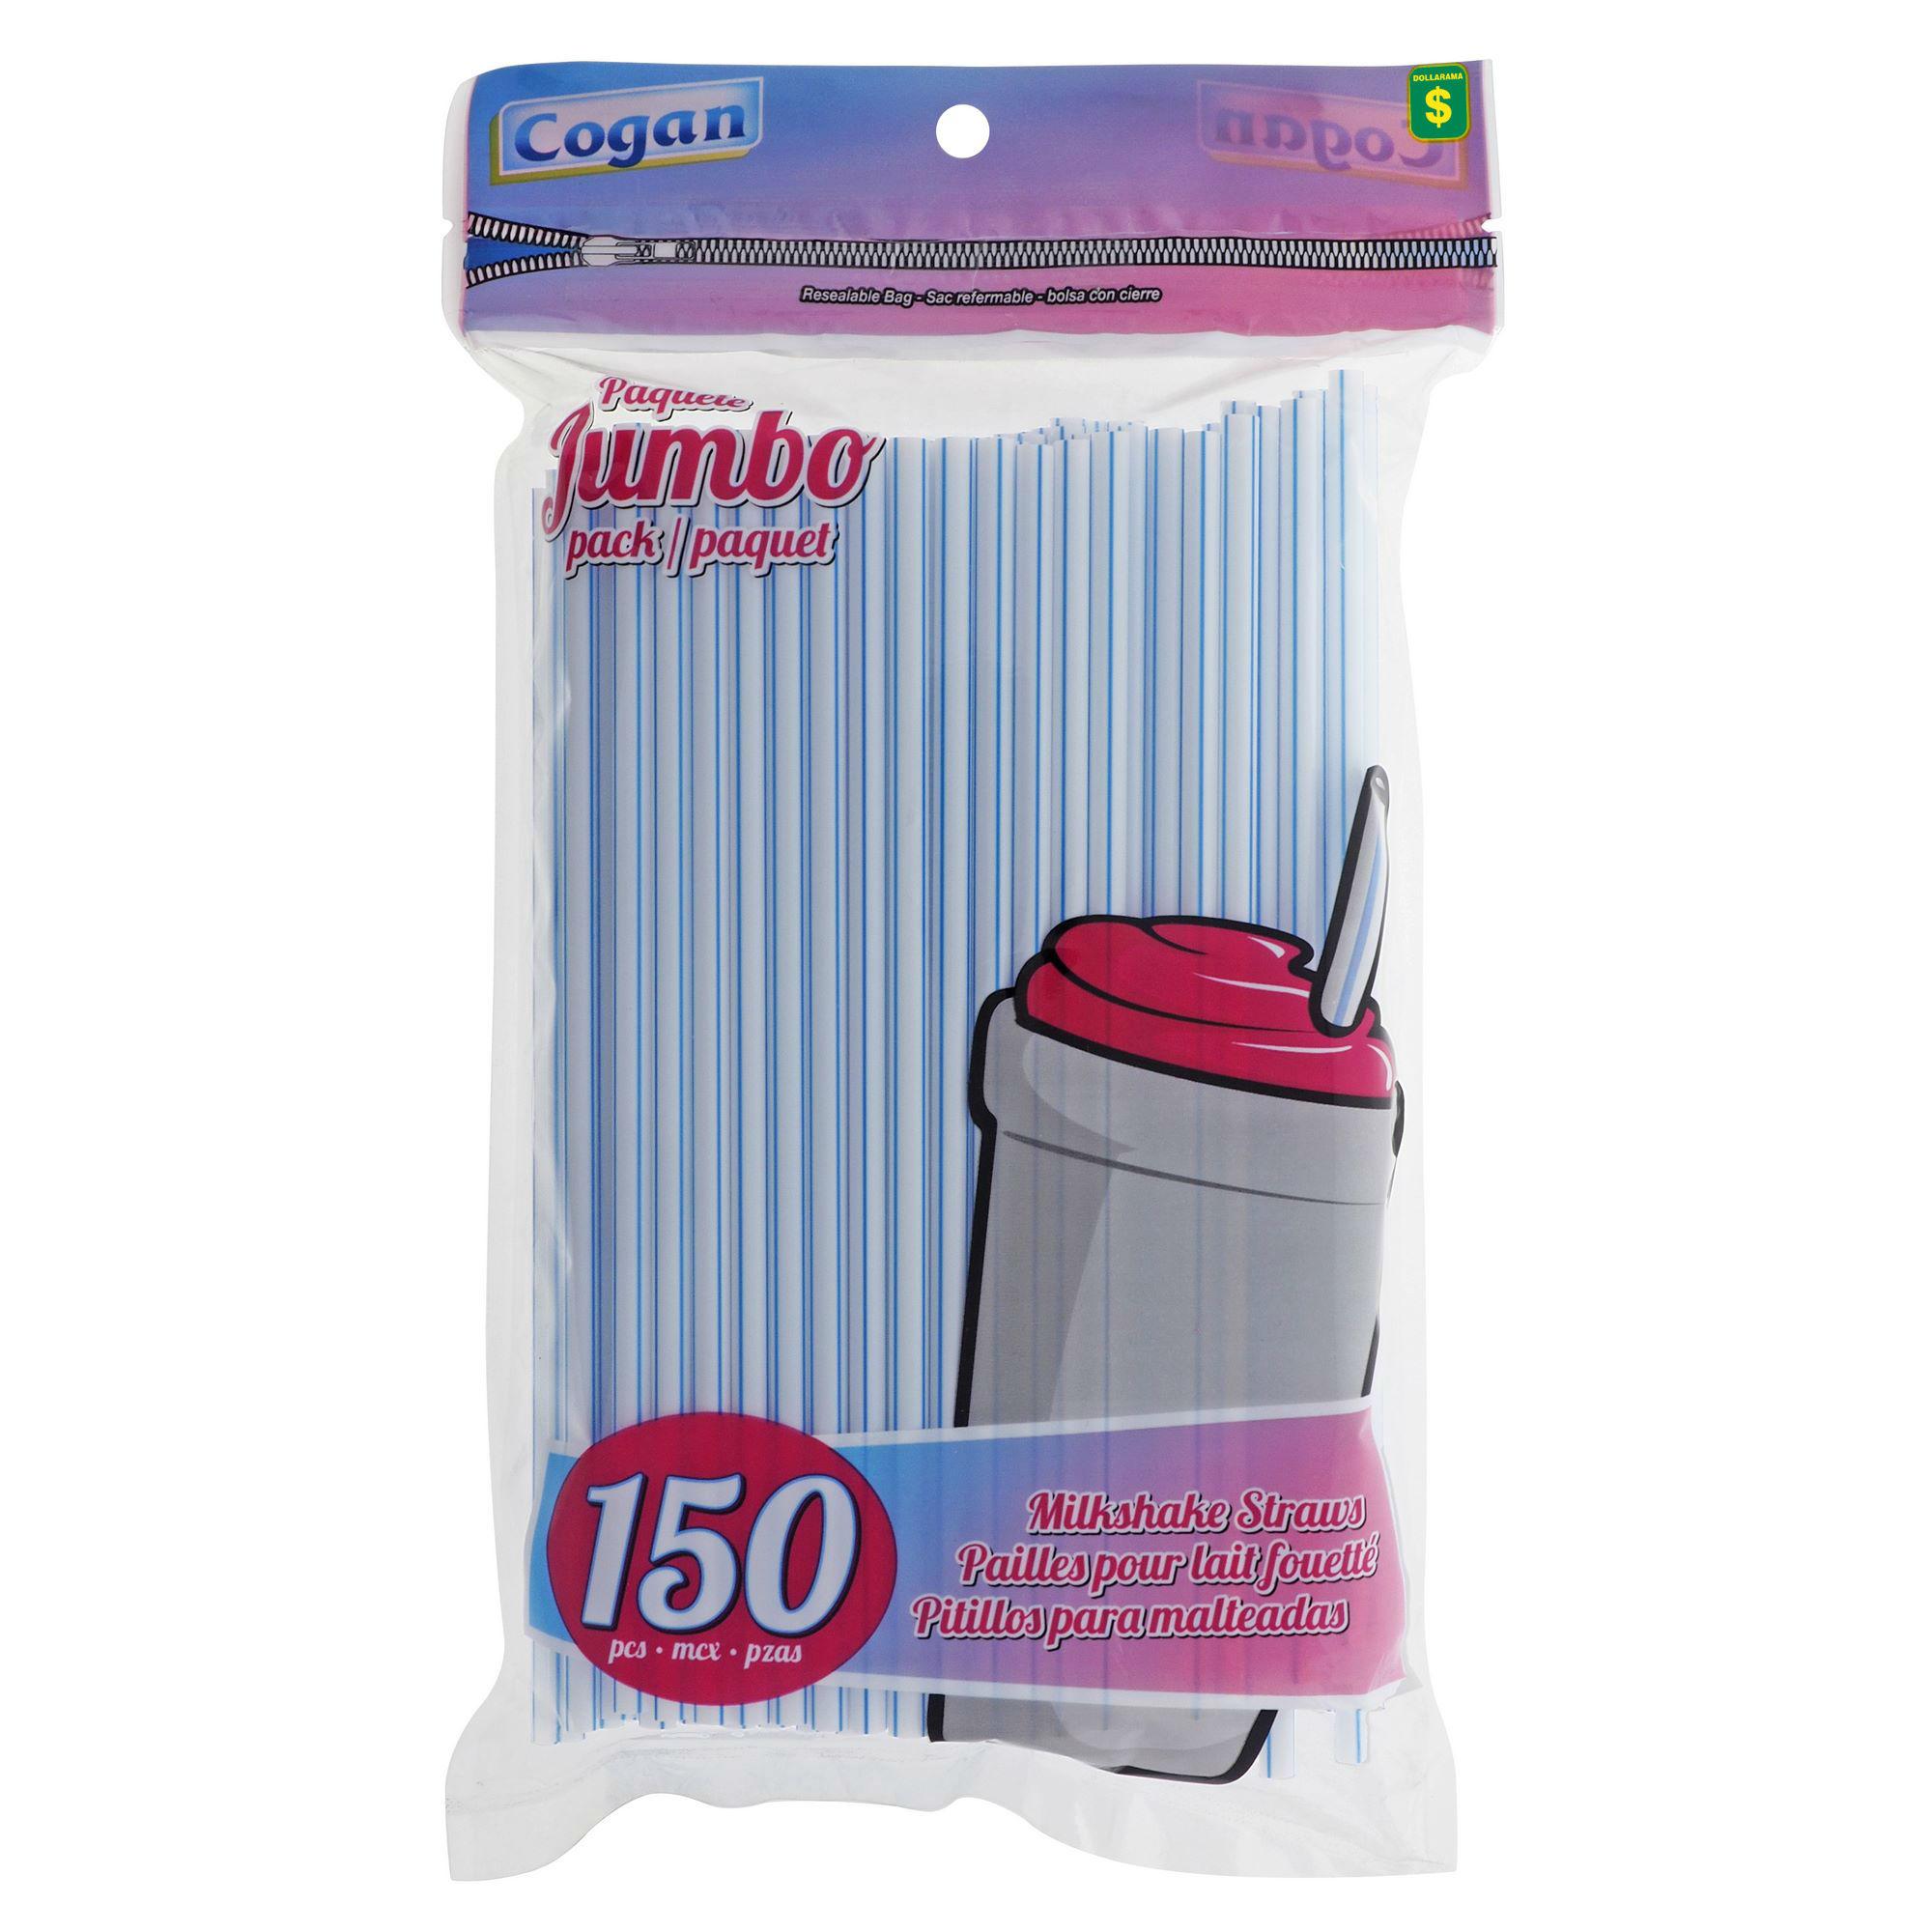 bubble tea pailles Boba en acier inoxydable pour les smoothies-milk shakes YOUR VIP SKIN 5 pailles m/étalliques r/éutilisables pailles /à Boire en m/étal de taille extra-large avec brosse de nettoyage